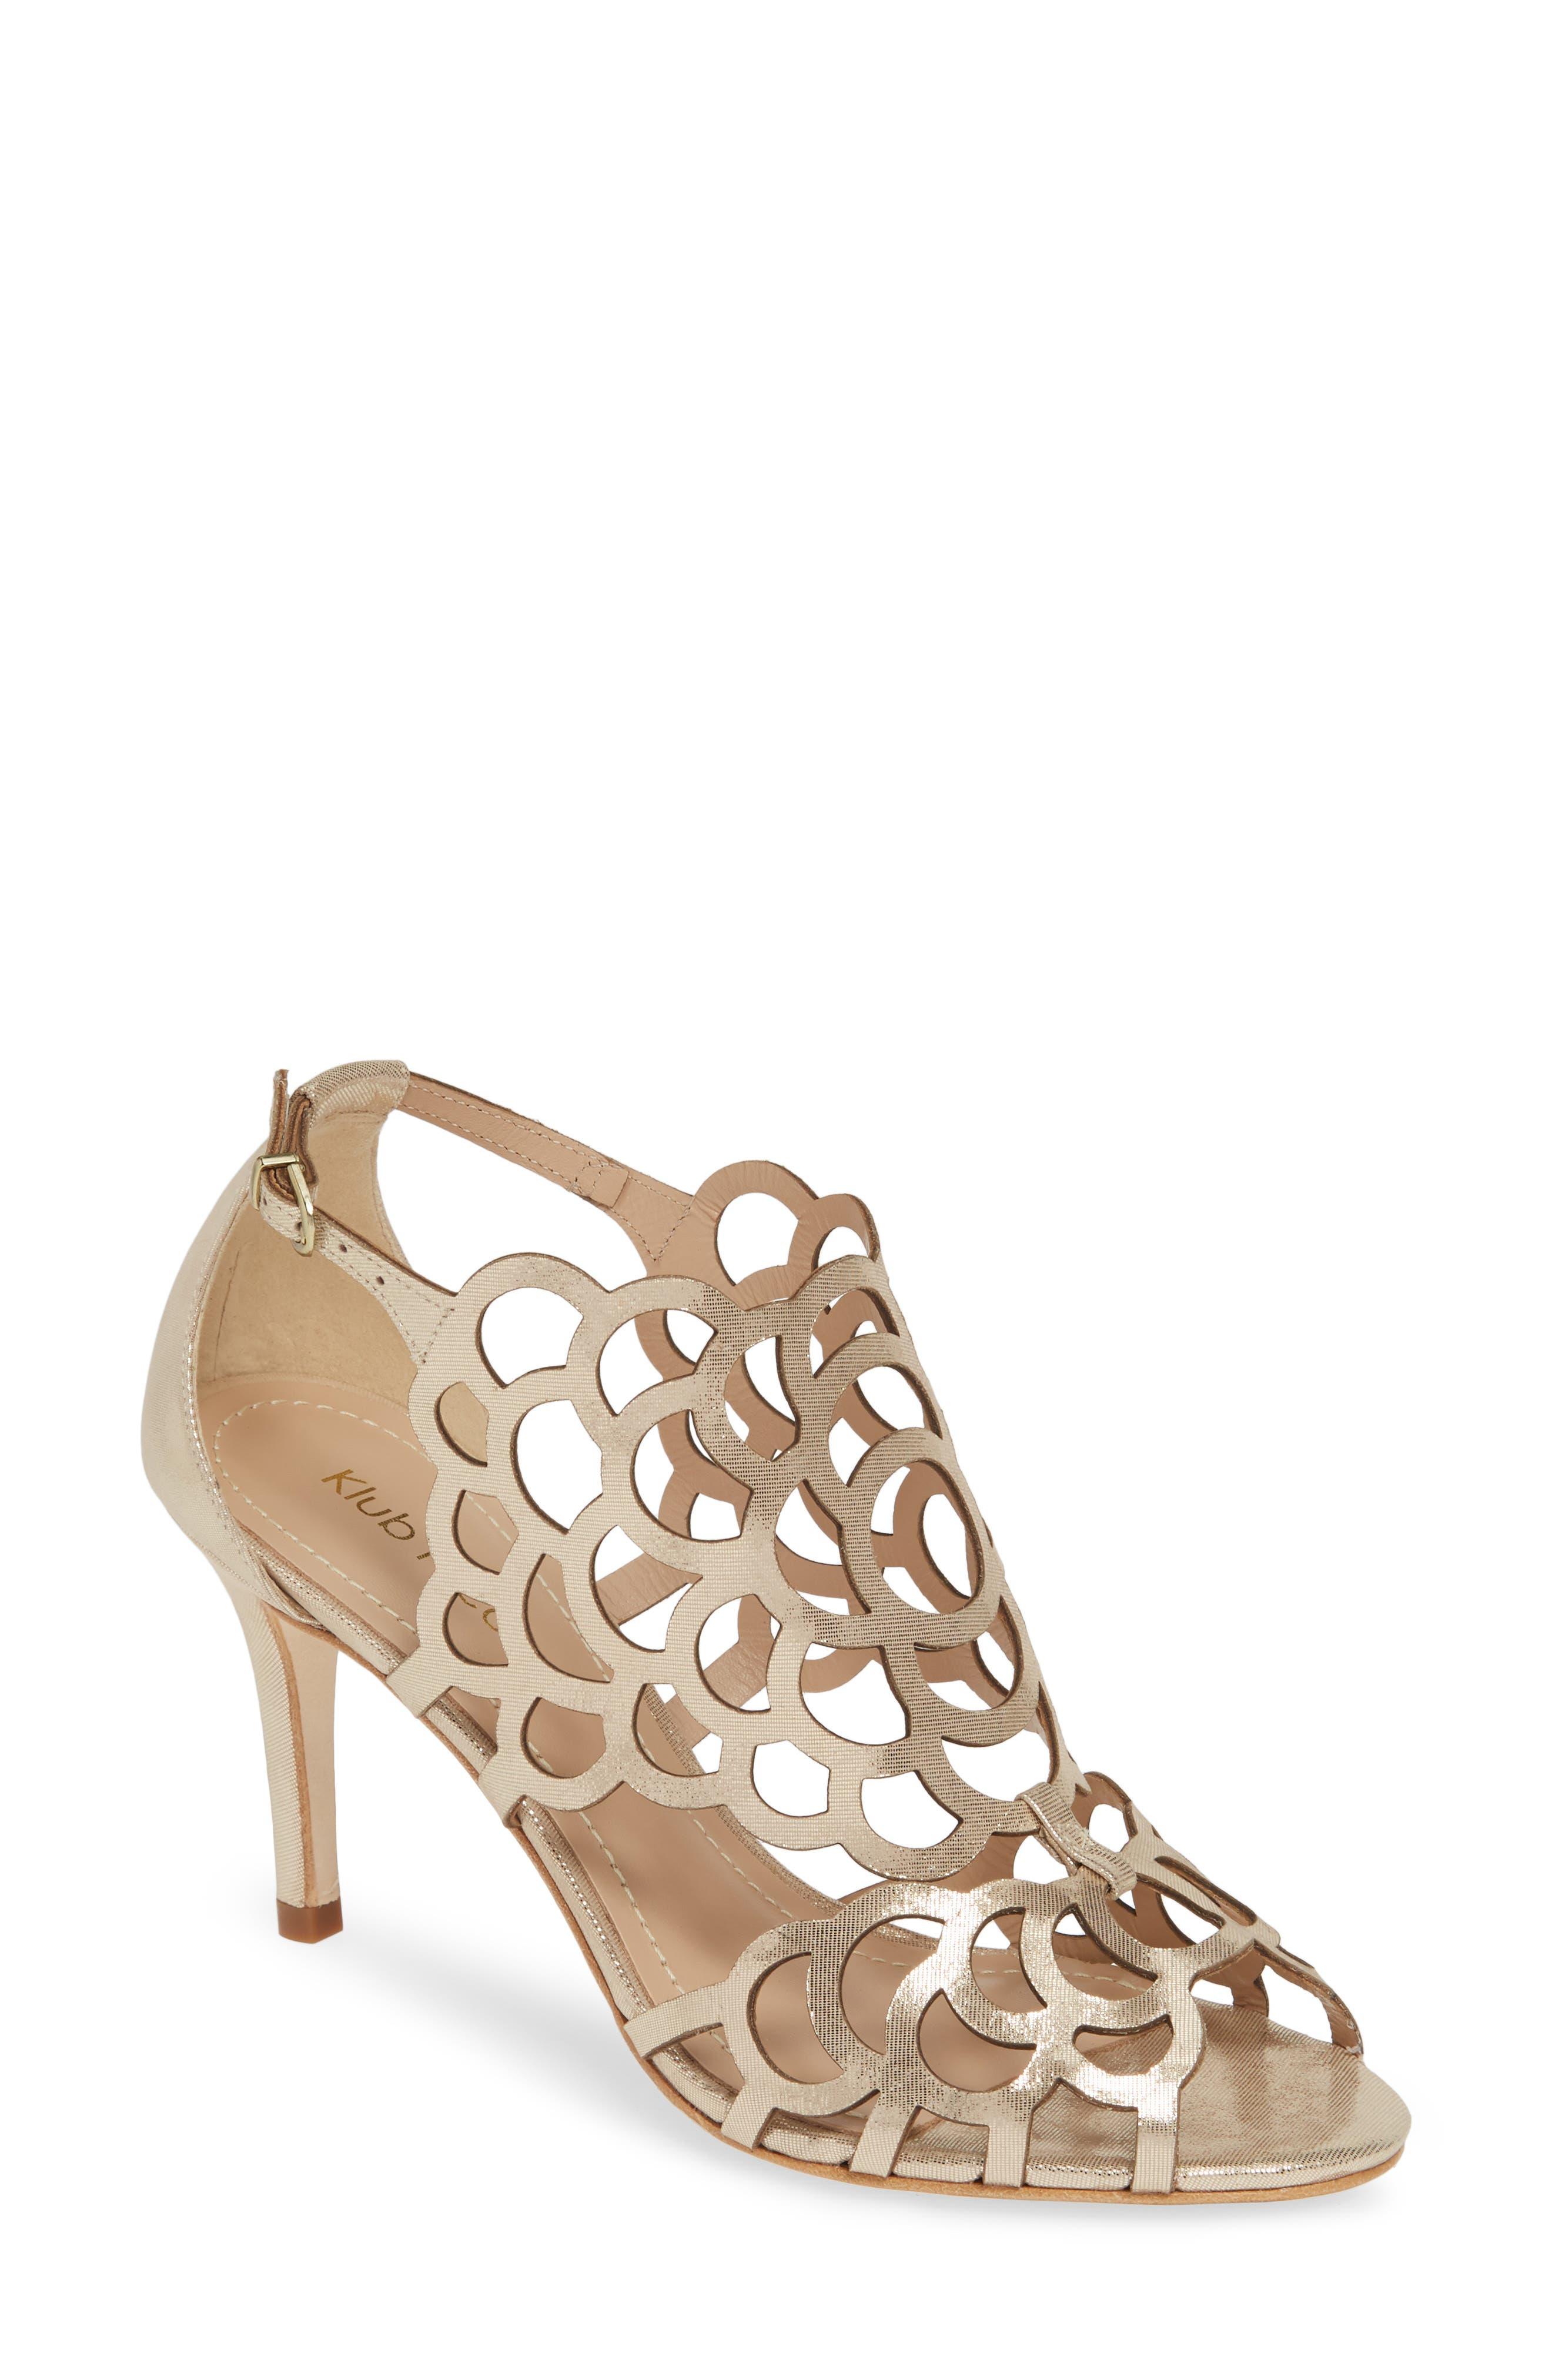 Millie 3 Cutout Sandal